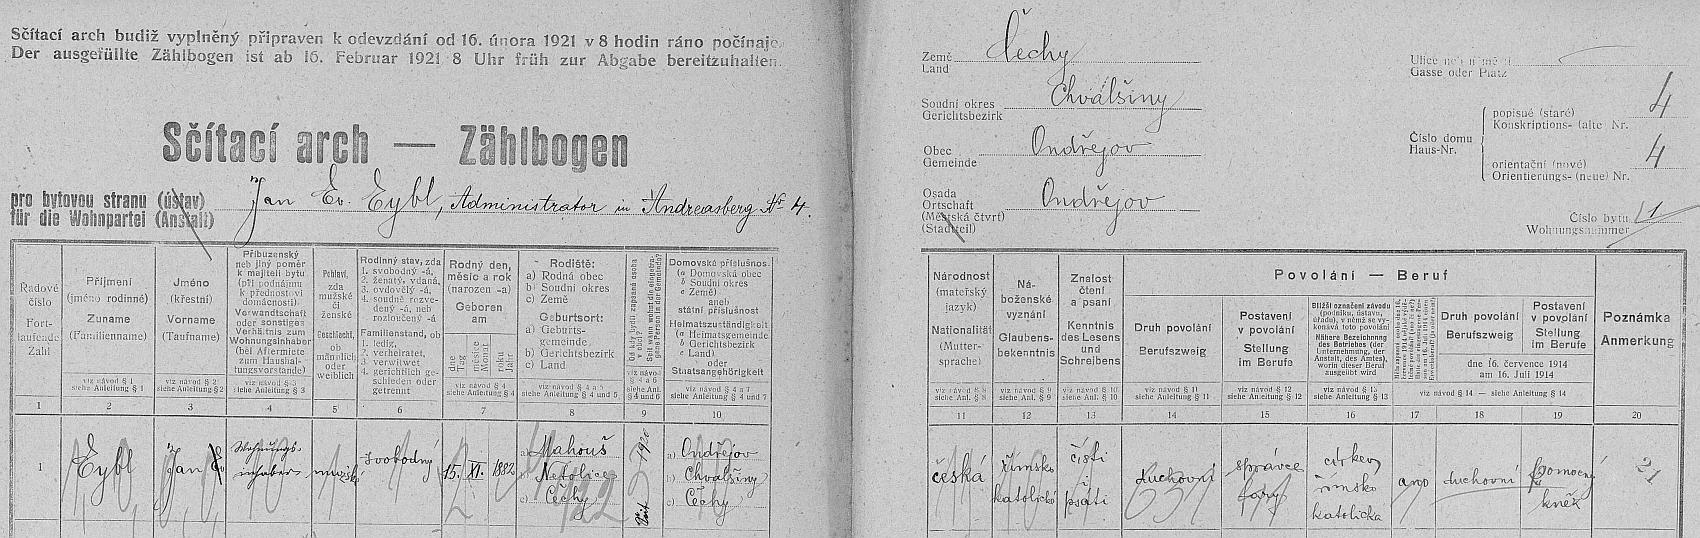 Arch sčítání lidu z roku 1921 svědčí o jeho ondřejovském působení